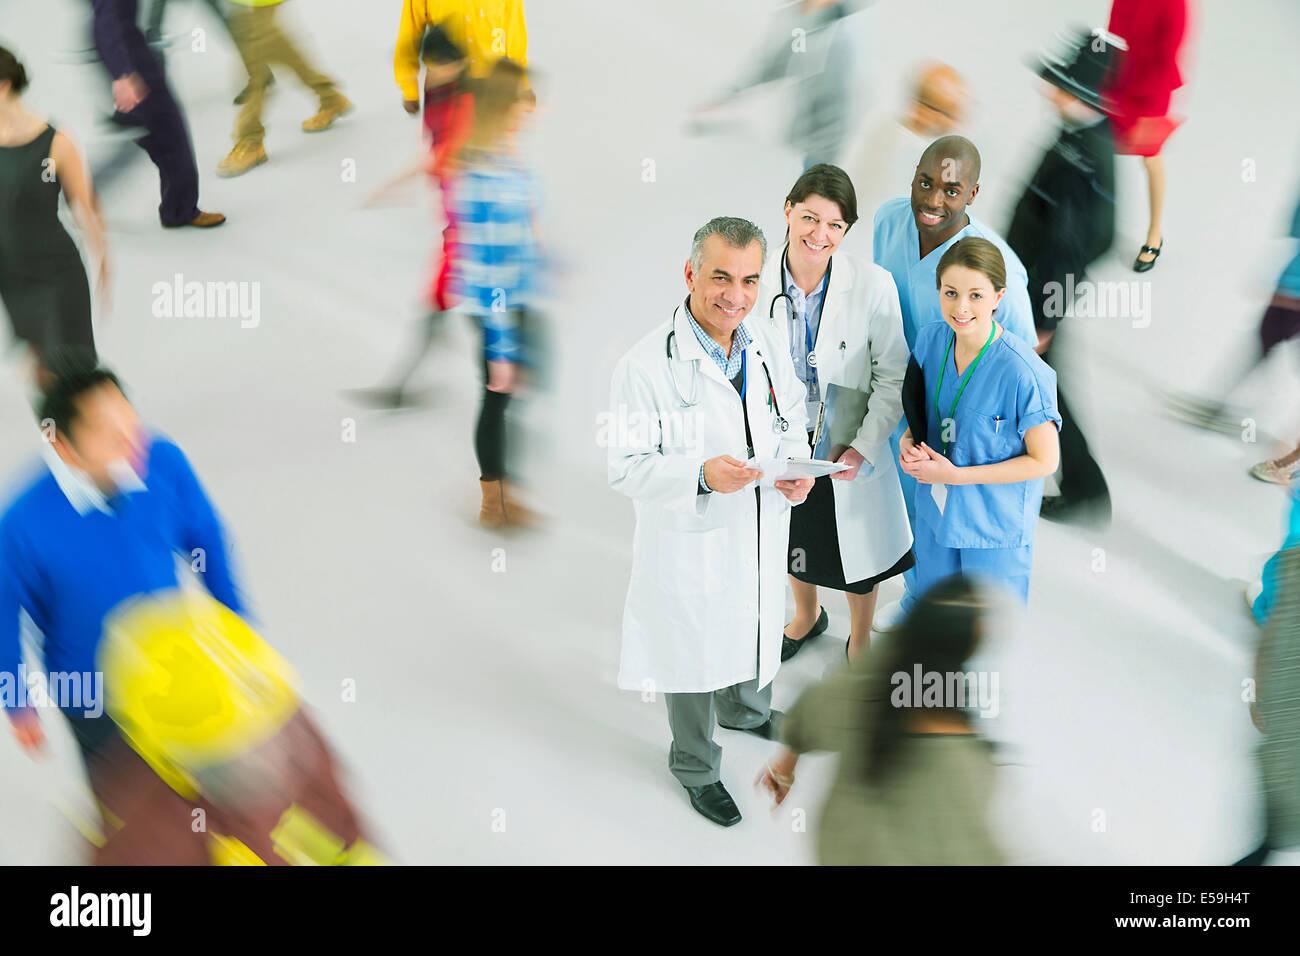 Portrait de certains médecins et infirmières parmi foule Photo Stock